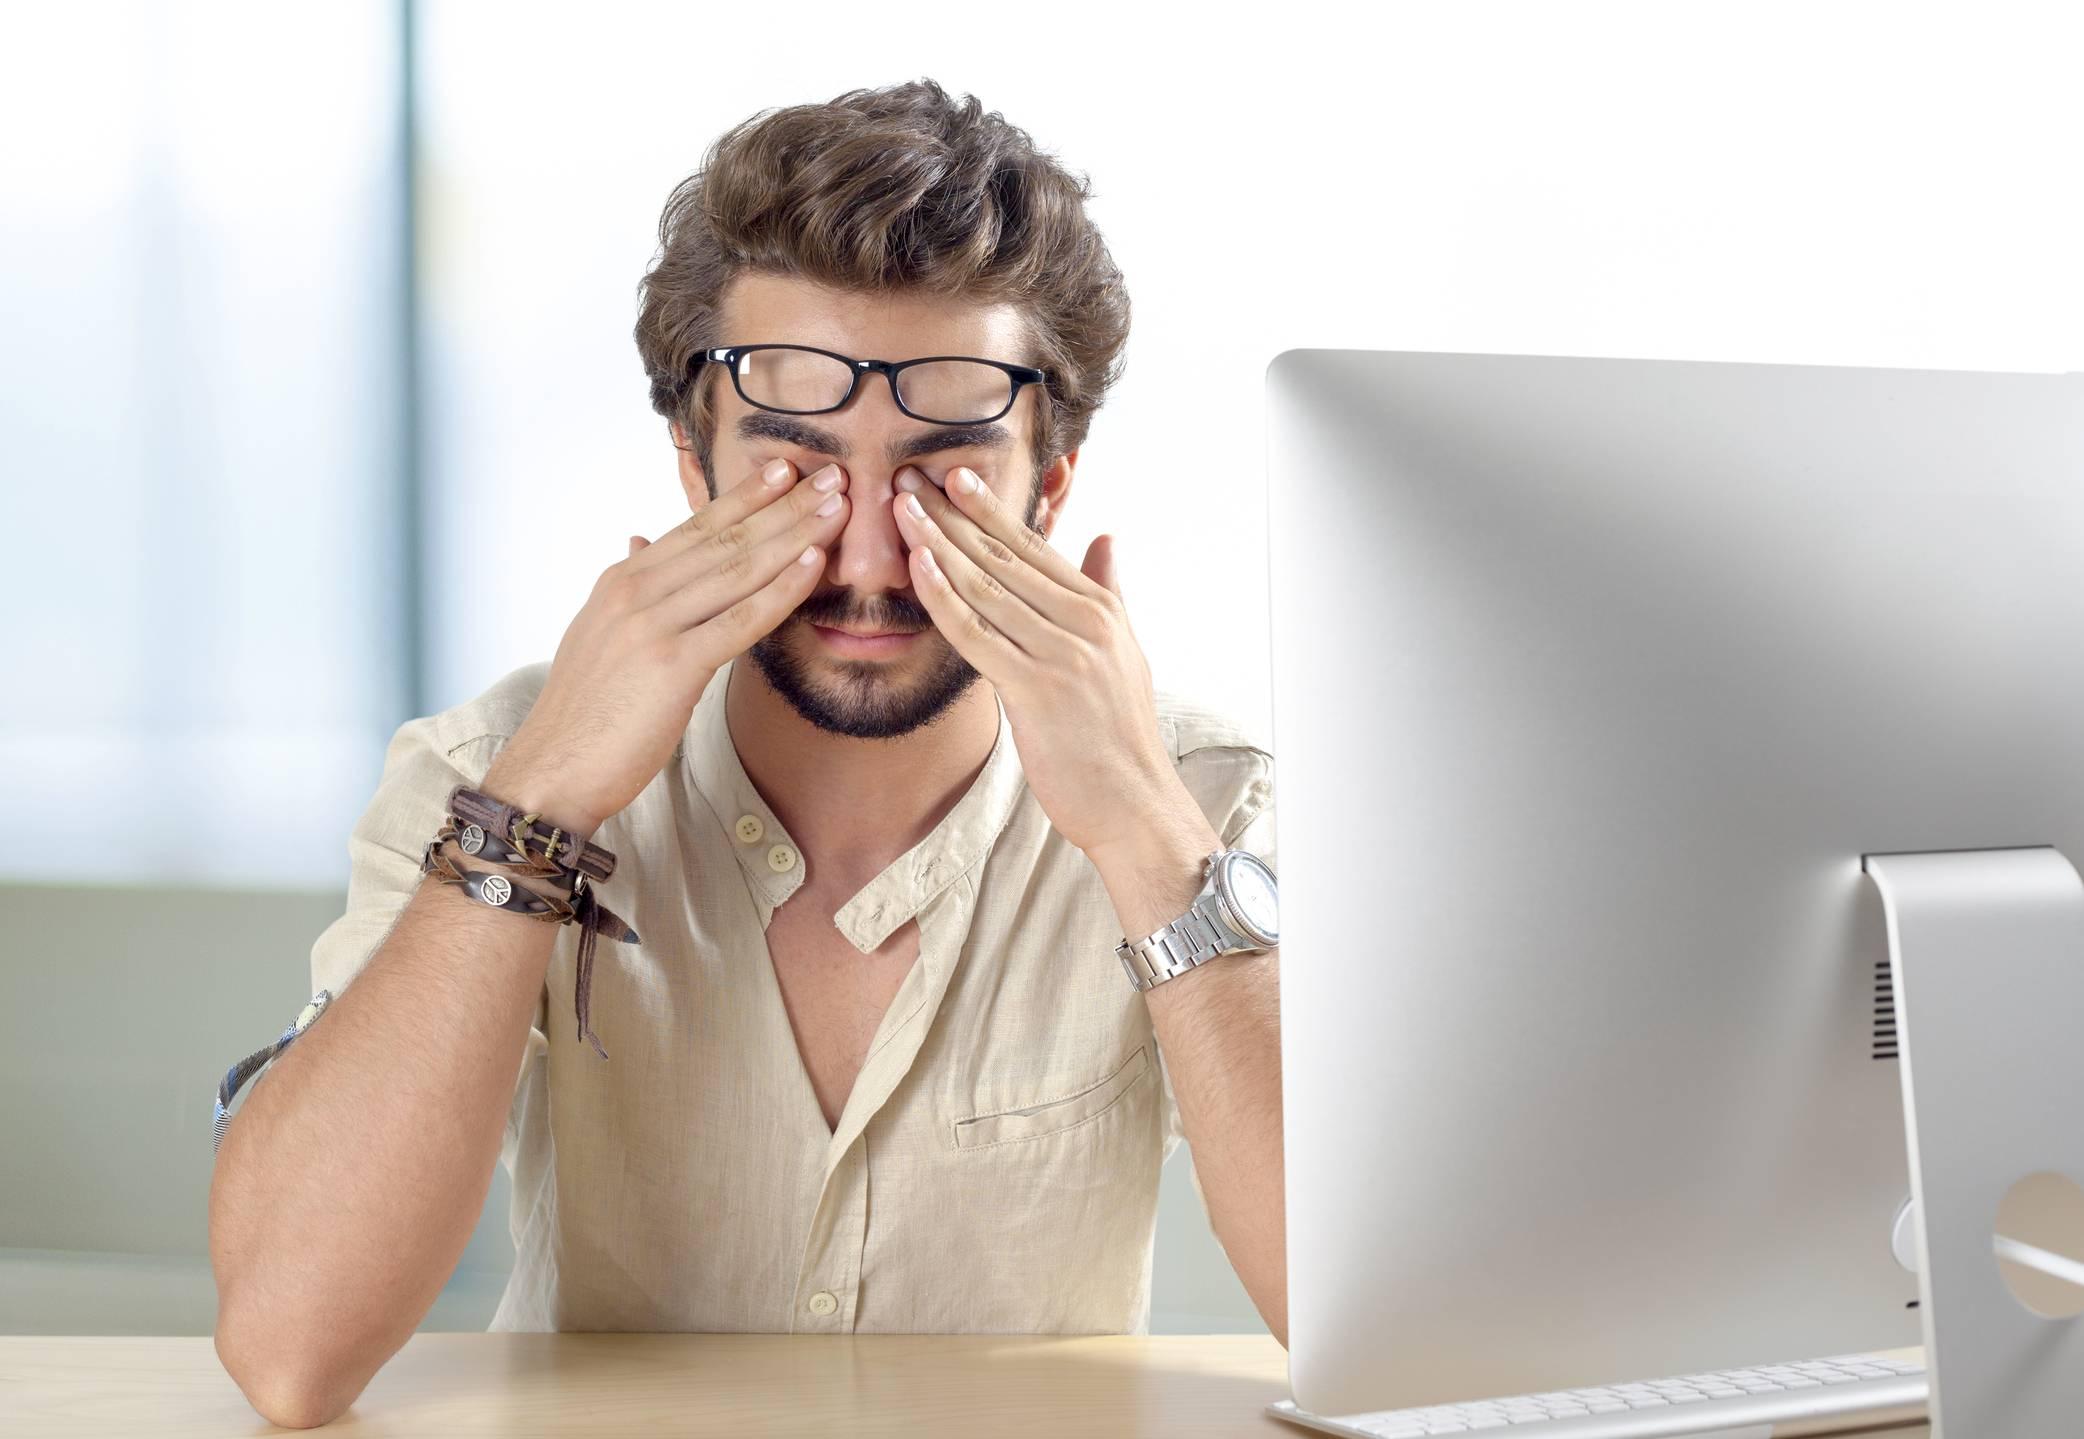 Офтальмолог о лазерной коррекции, работе за компьютером и мифах о глазах